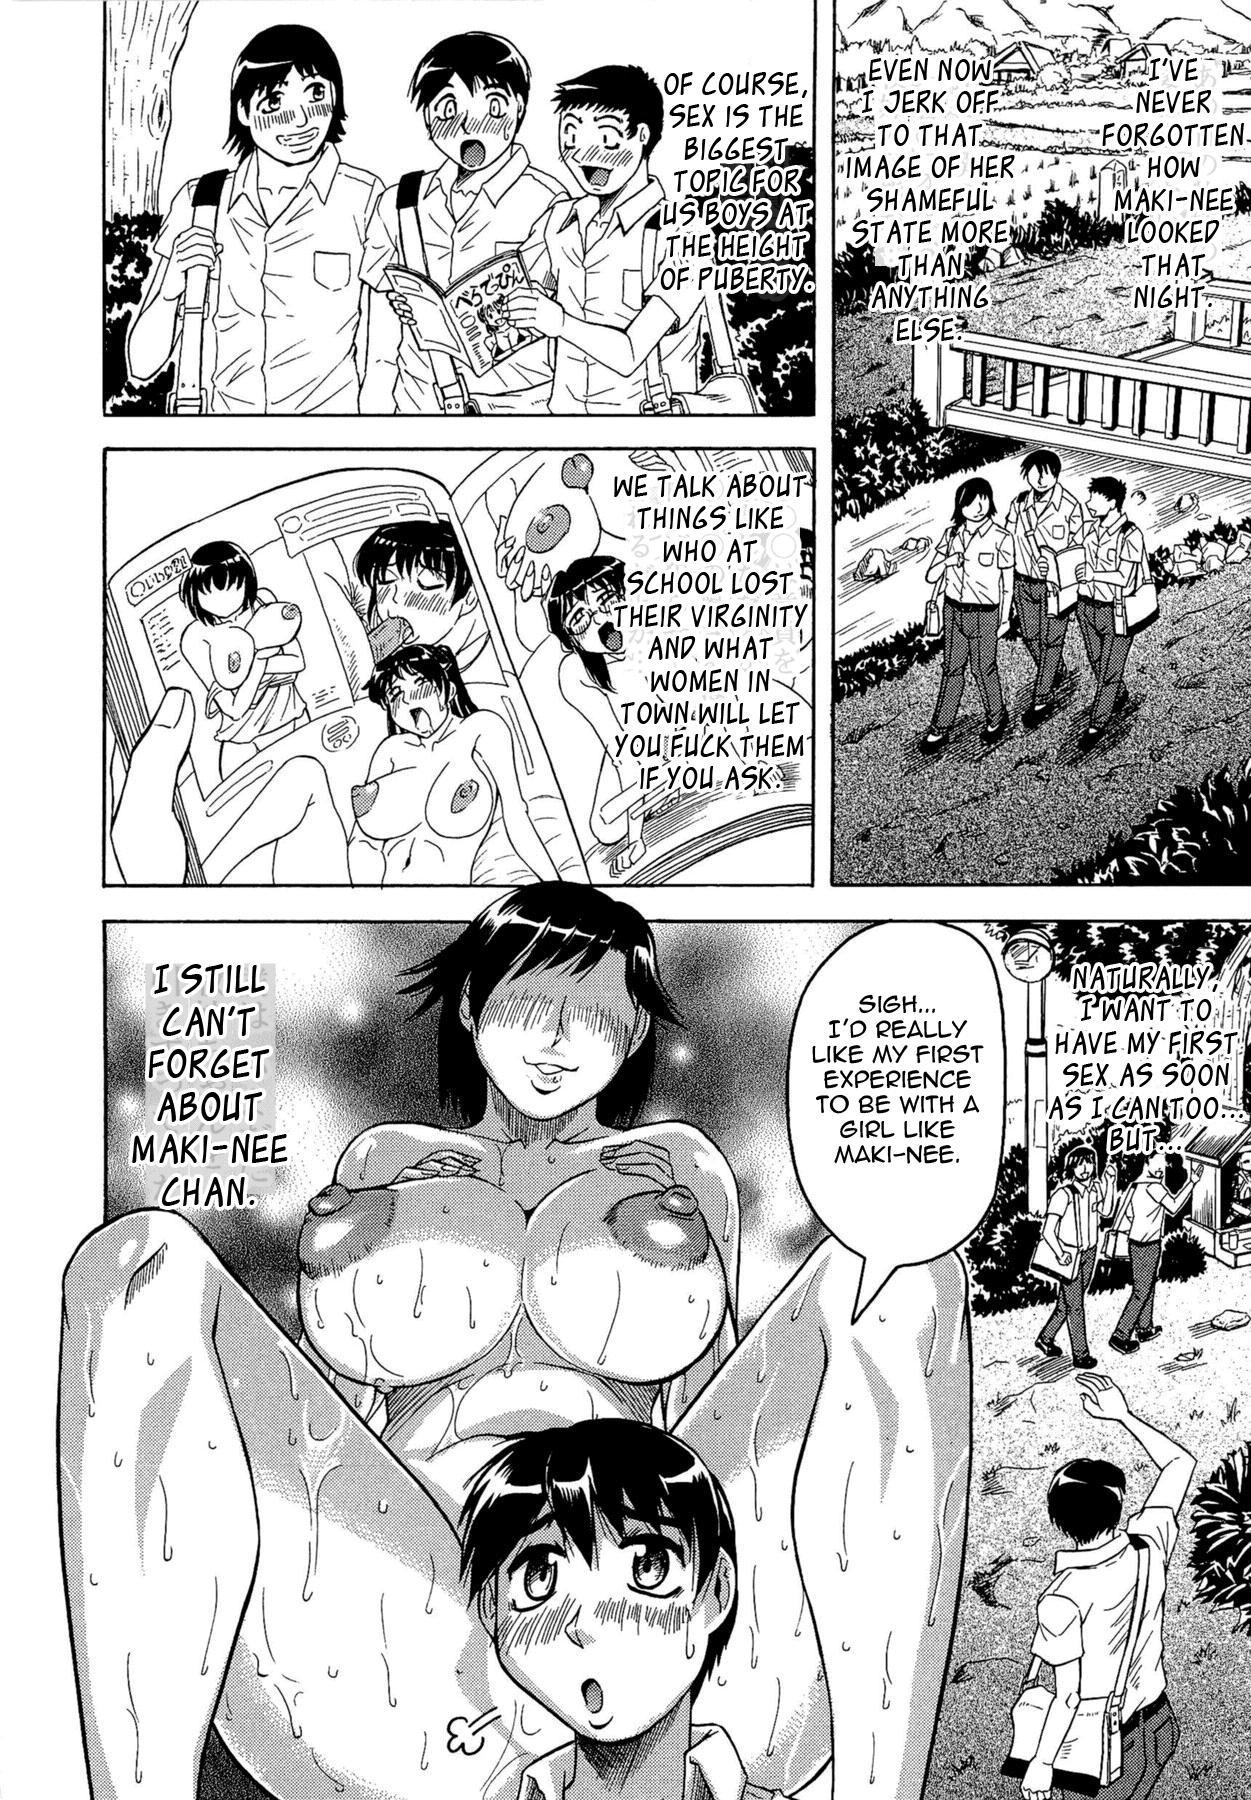 [Jamming] Koibito ha Tonari no Oneesan (Hatsujyouki) | My Lover is the Girl Next Door [English] {Tadanohito} 7